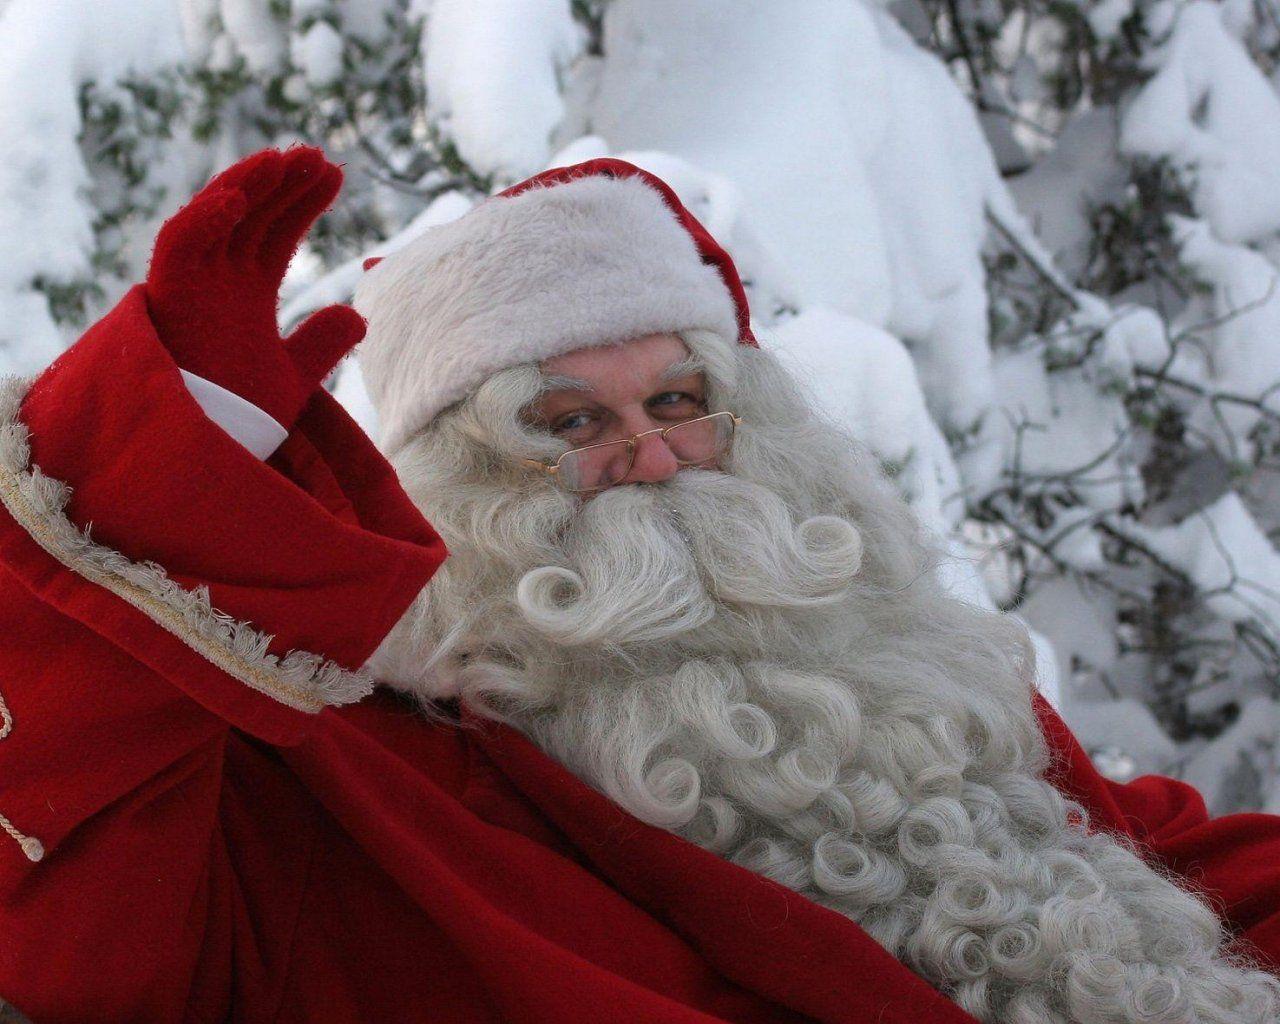 ВНью-Йорке прошел парад русских Дедов Морозов иСнегурочек